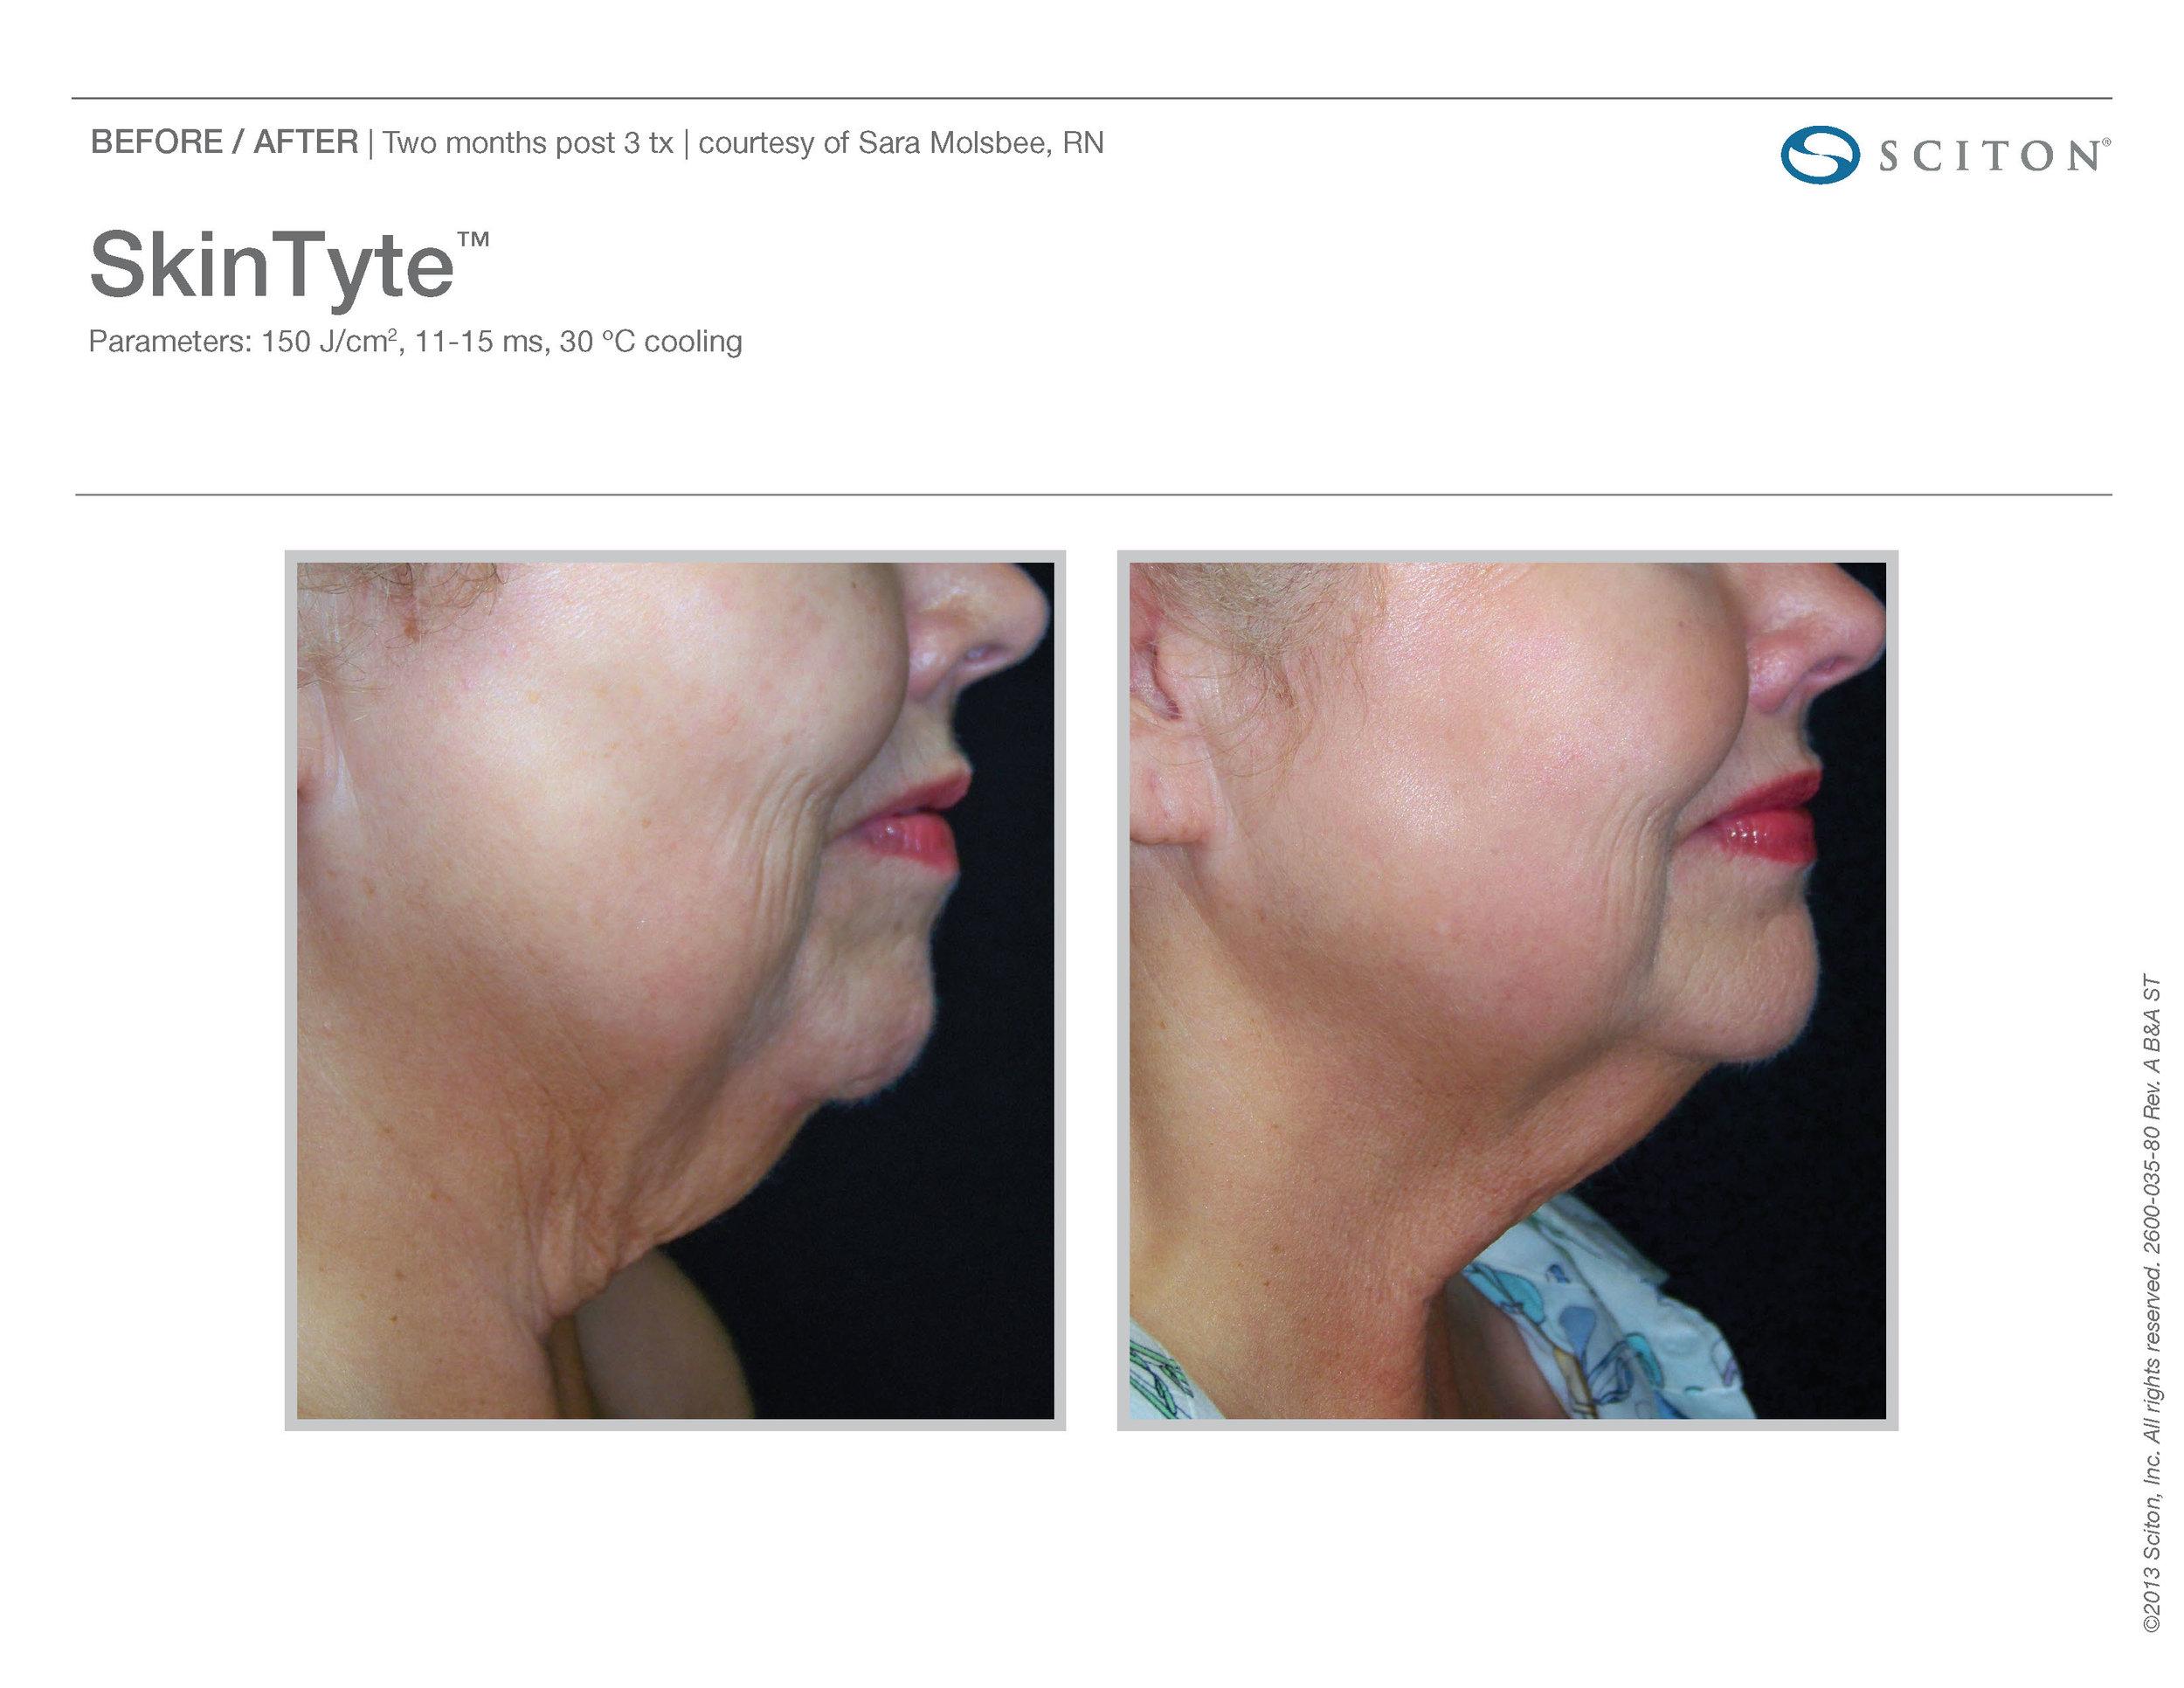 SkinTyte B&A Nov'17_Page_12.jpg